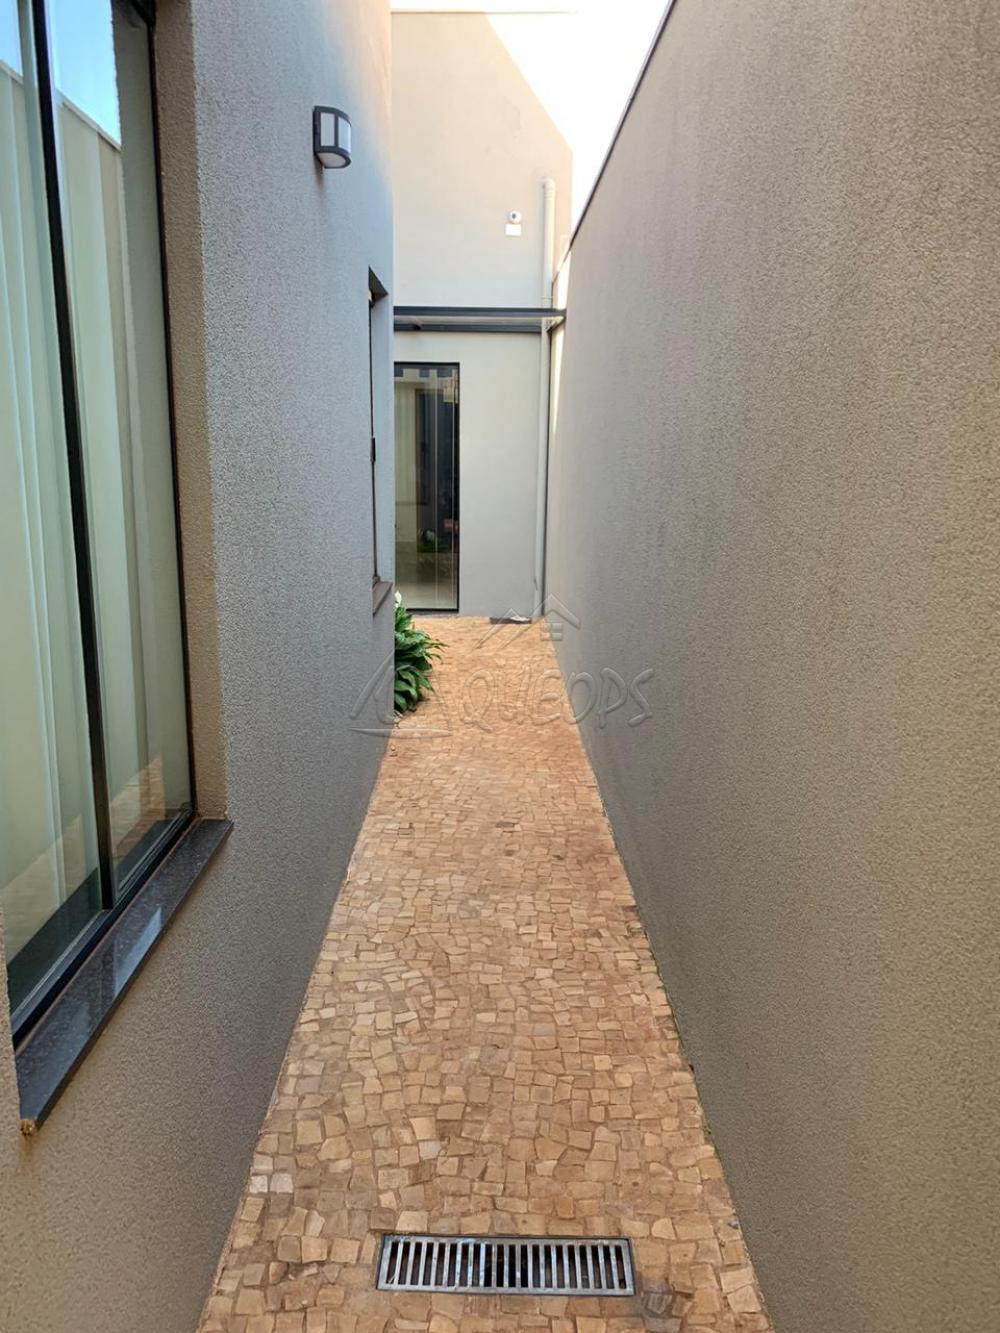 Comprar Casa / Padrão em Barretos apenas R$ 370.000,00 - Foto 14